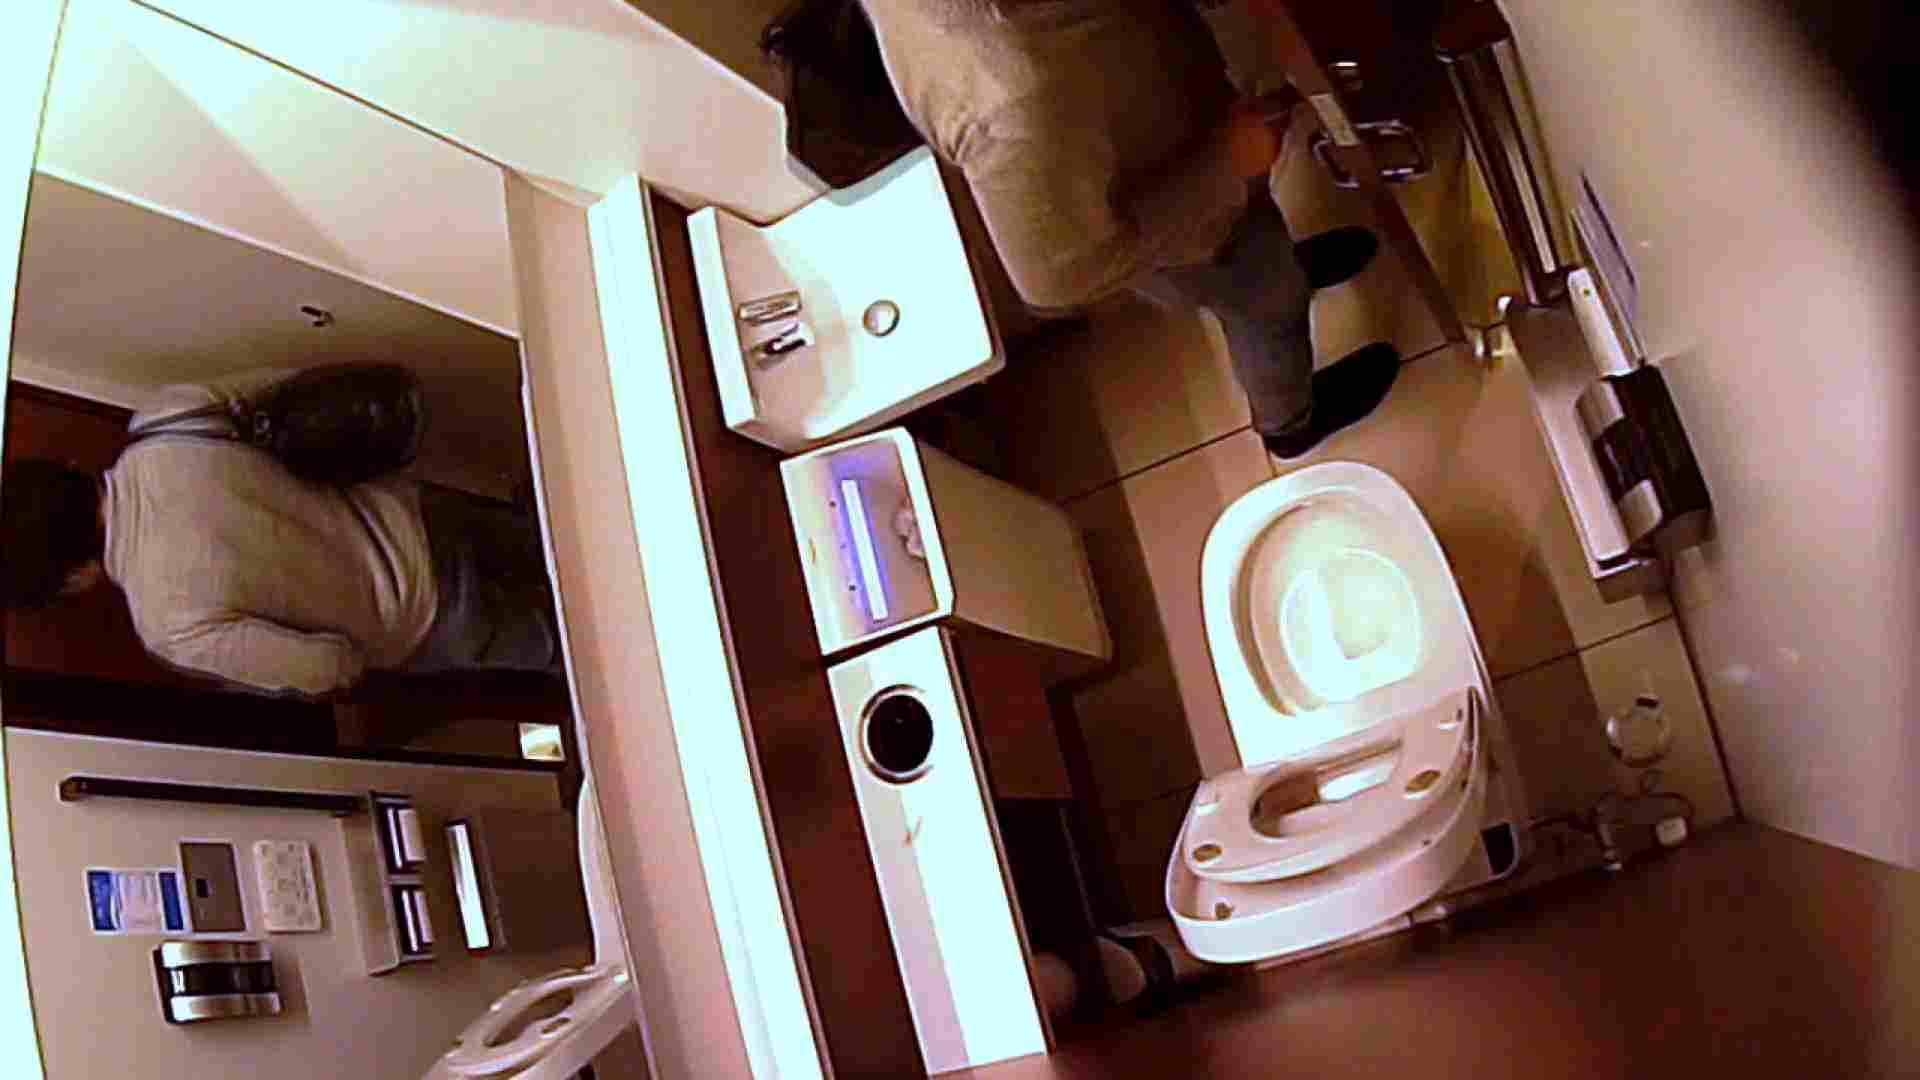 すみませんが覗かせてください Vol.30 トイレ | 0  62枚 11